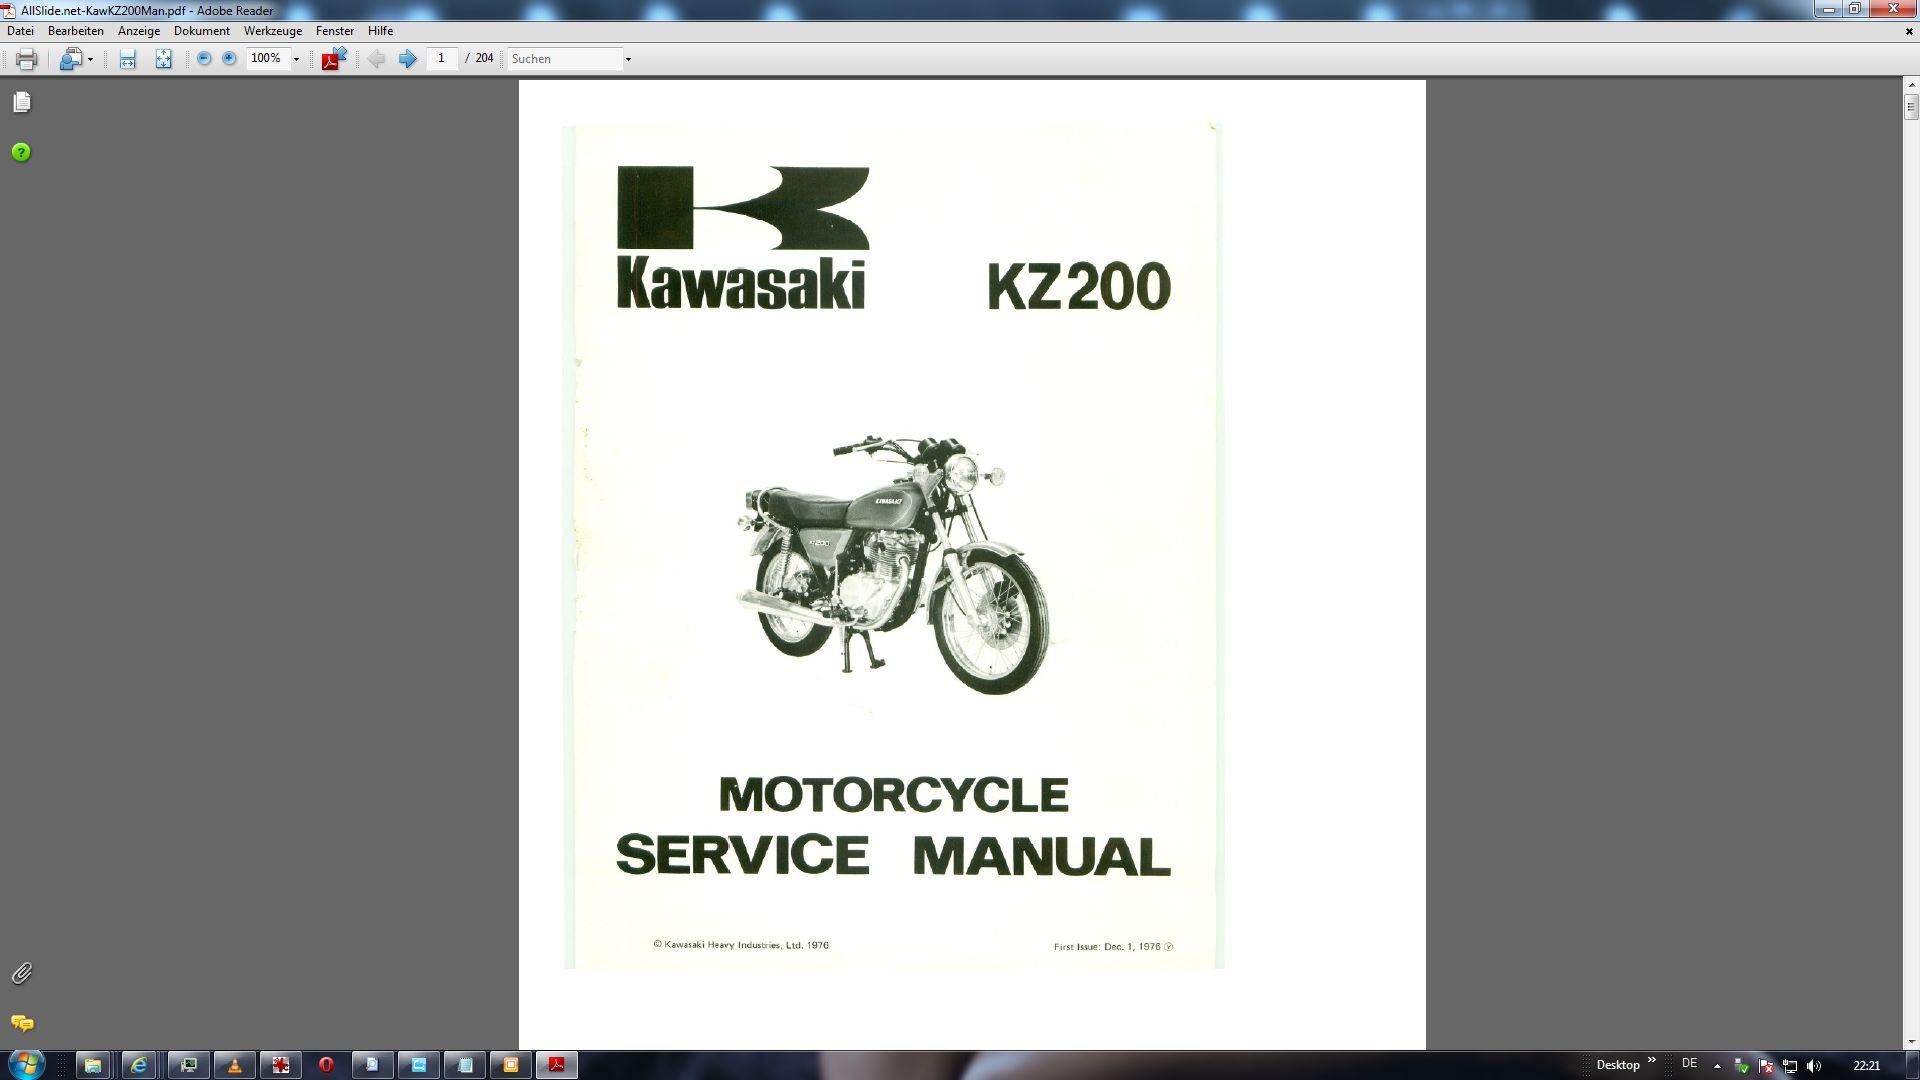 kz200_service_manual.jpg